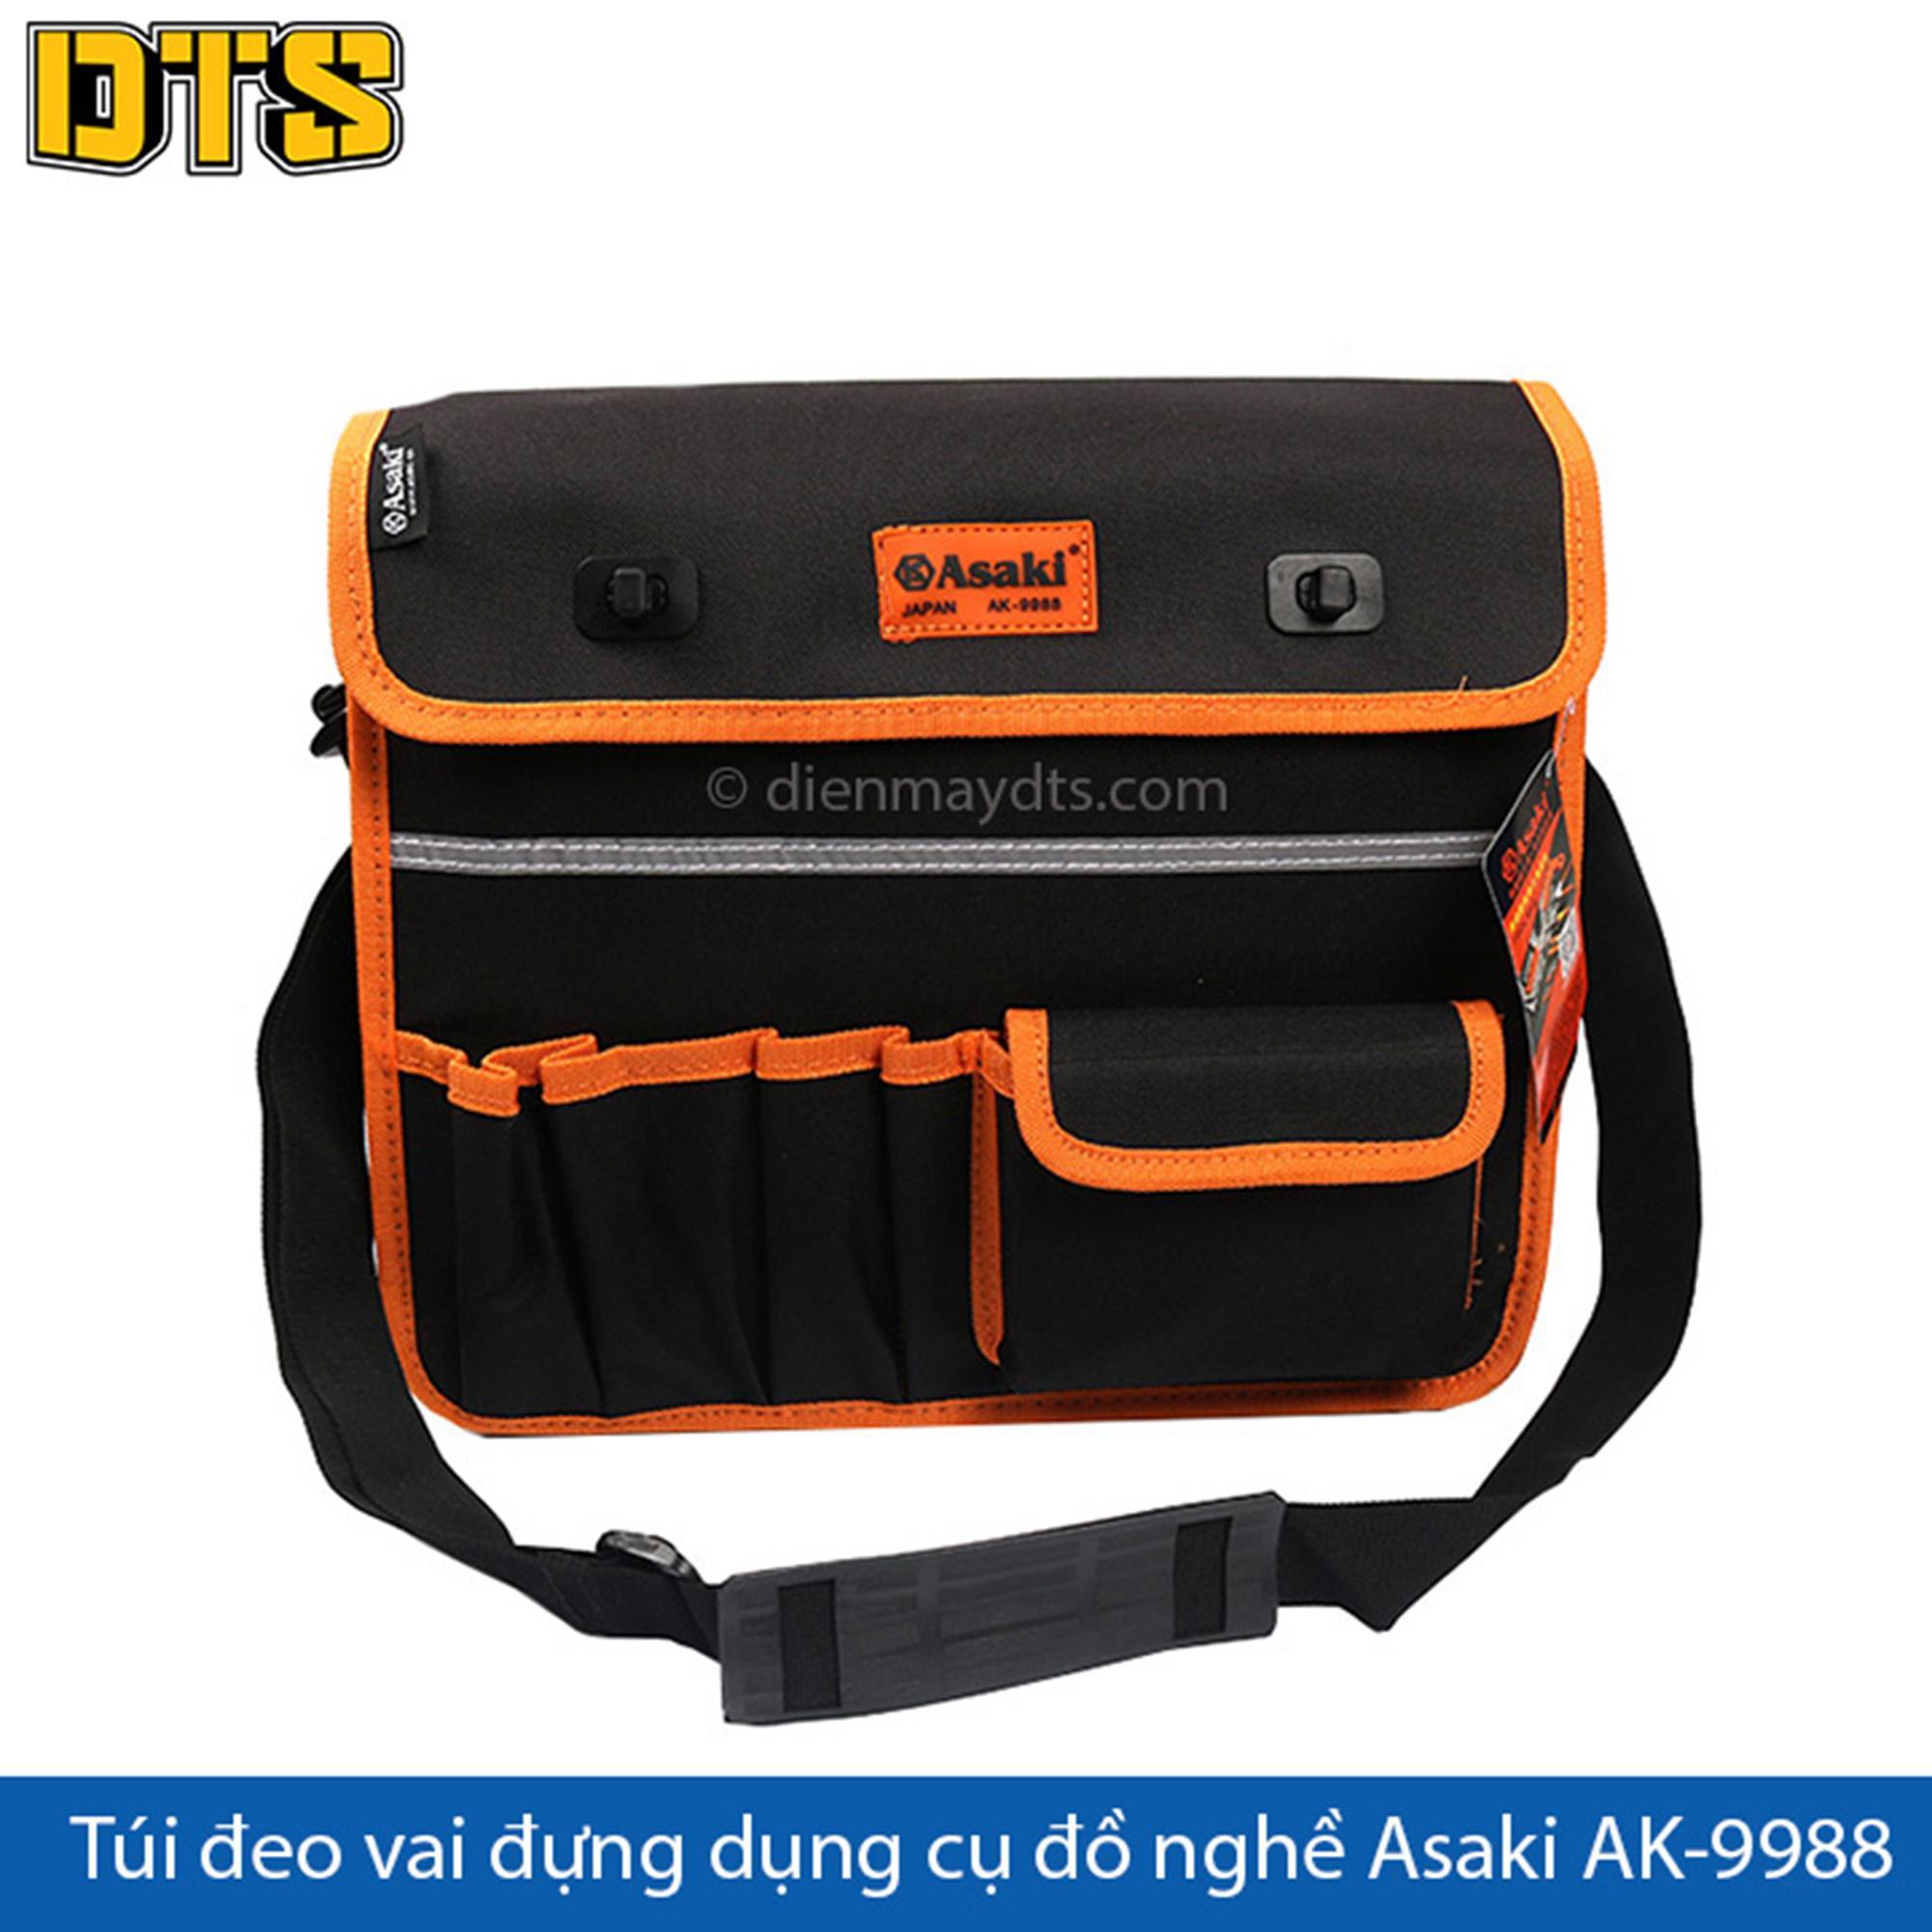 Túi đeo vai đựng dụng cụ đồ nghề Asaki AK-9988